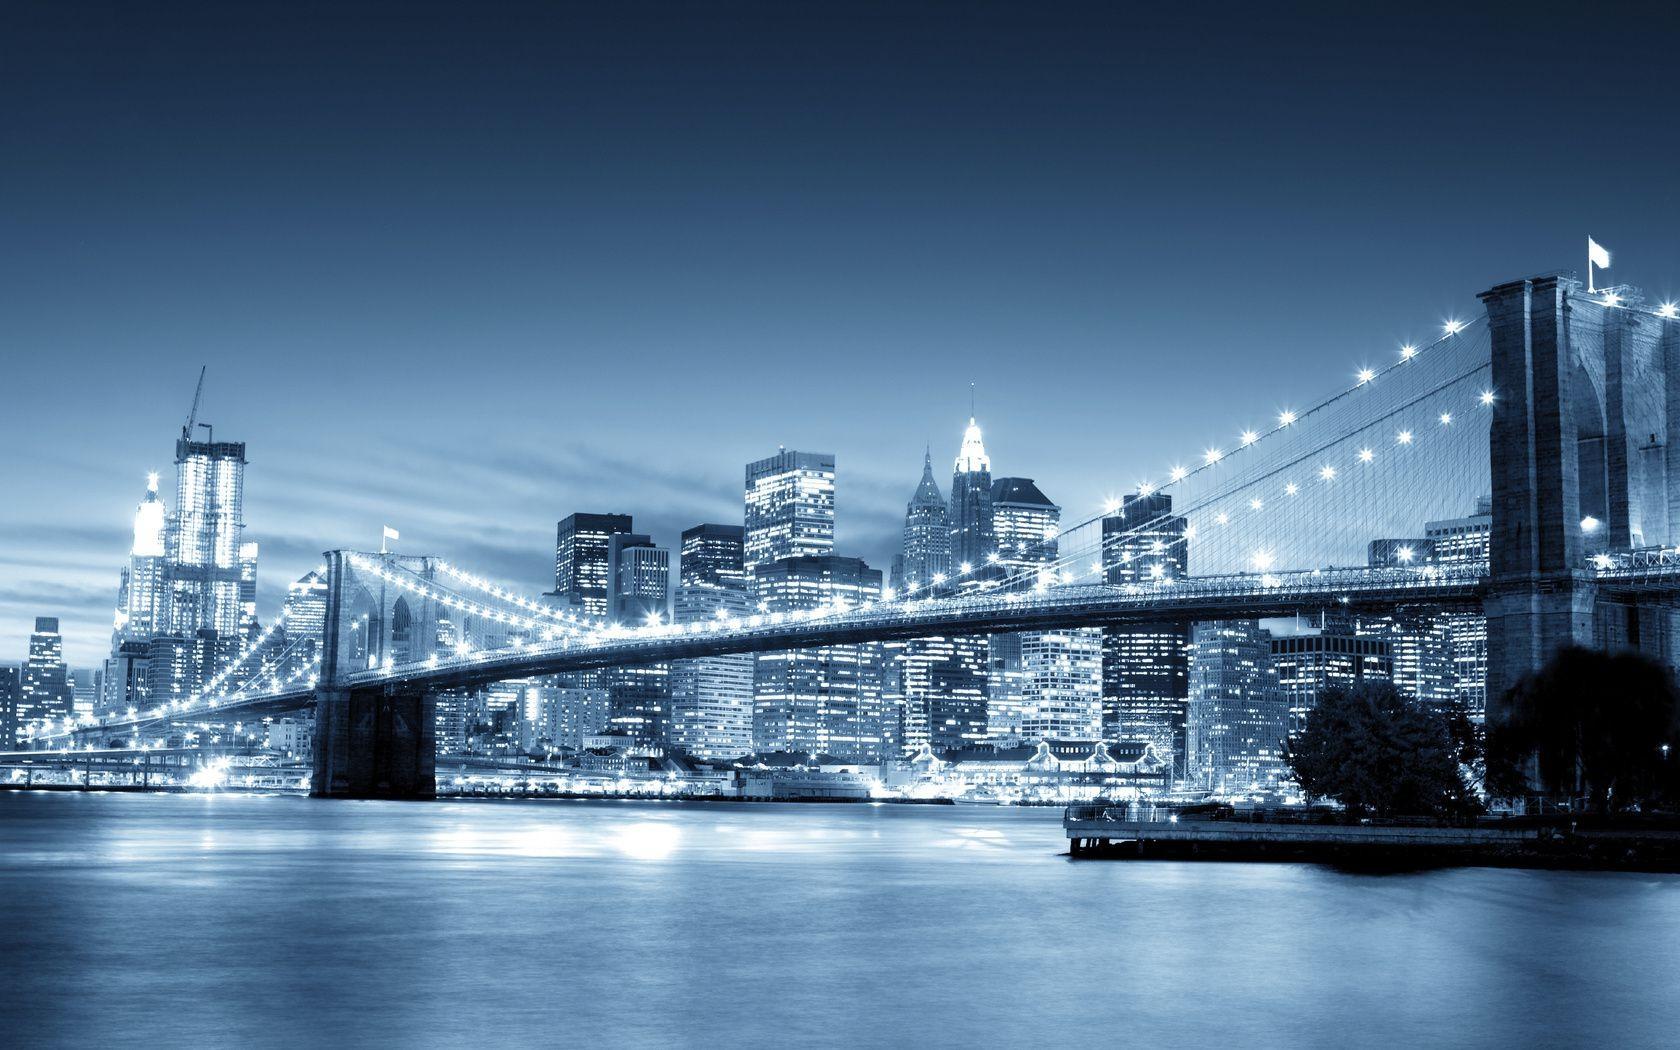 создали картинки высокого качества для фотопечати город даже самого маленького